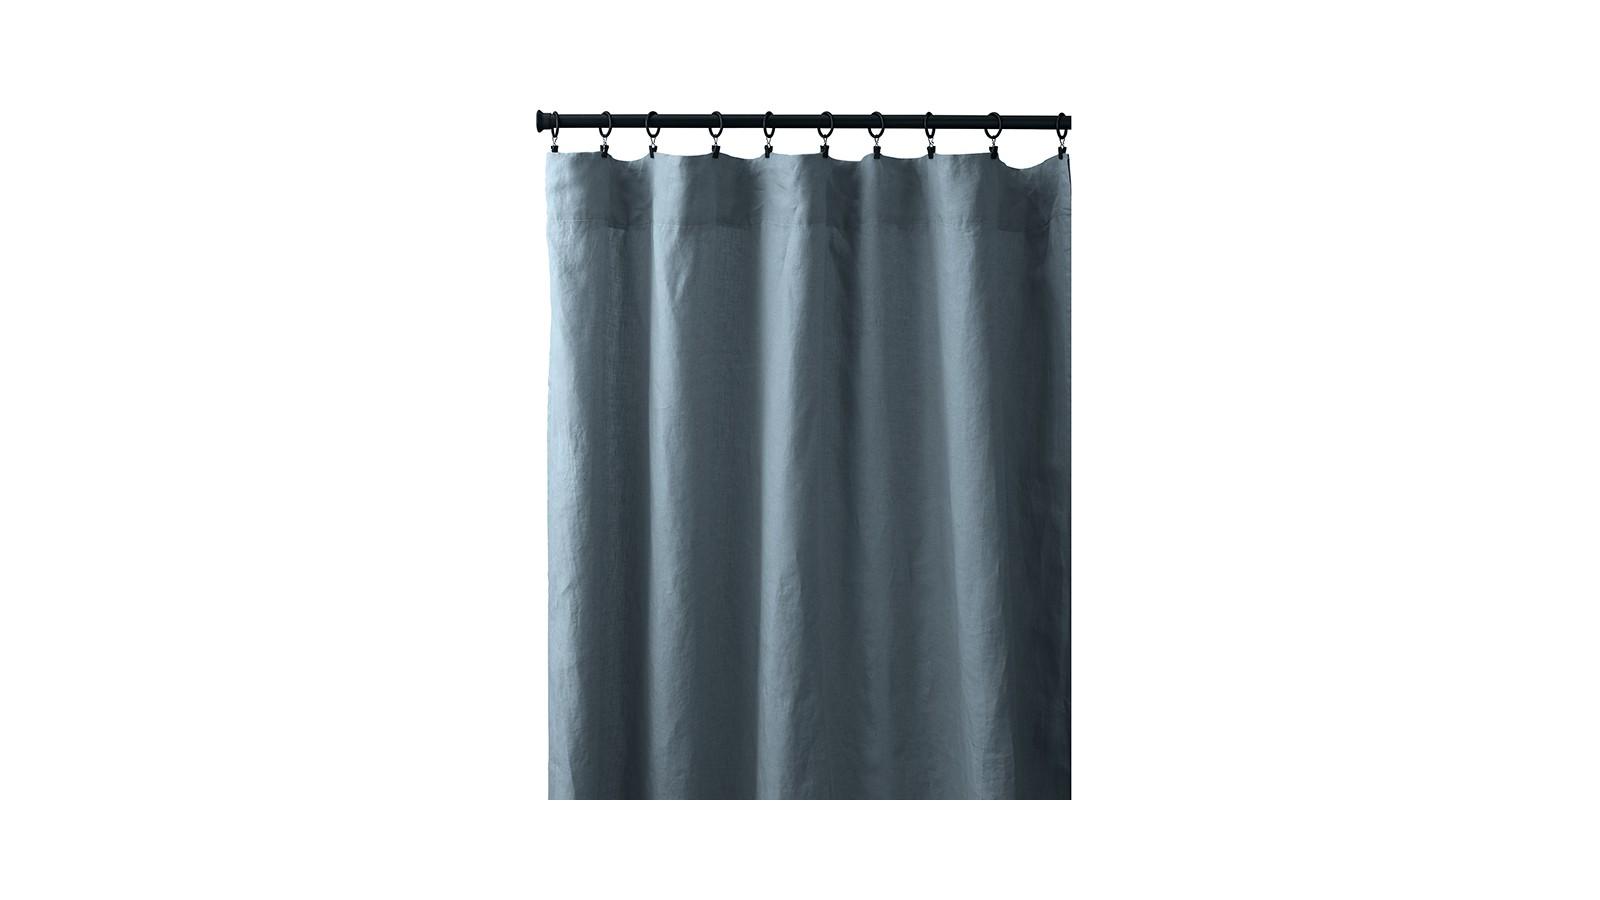 Rideau à pincer en lin lavé uni Bleu Orage